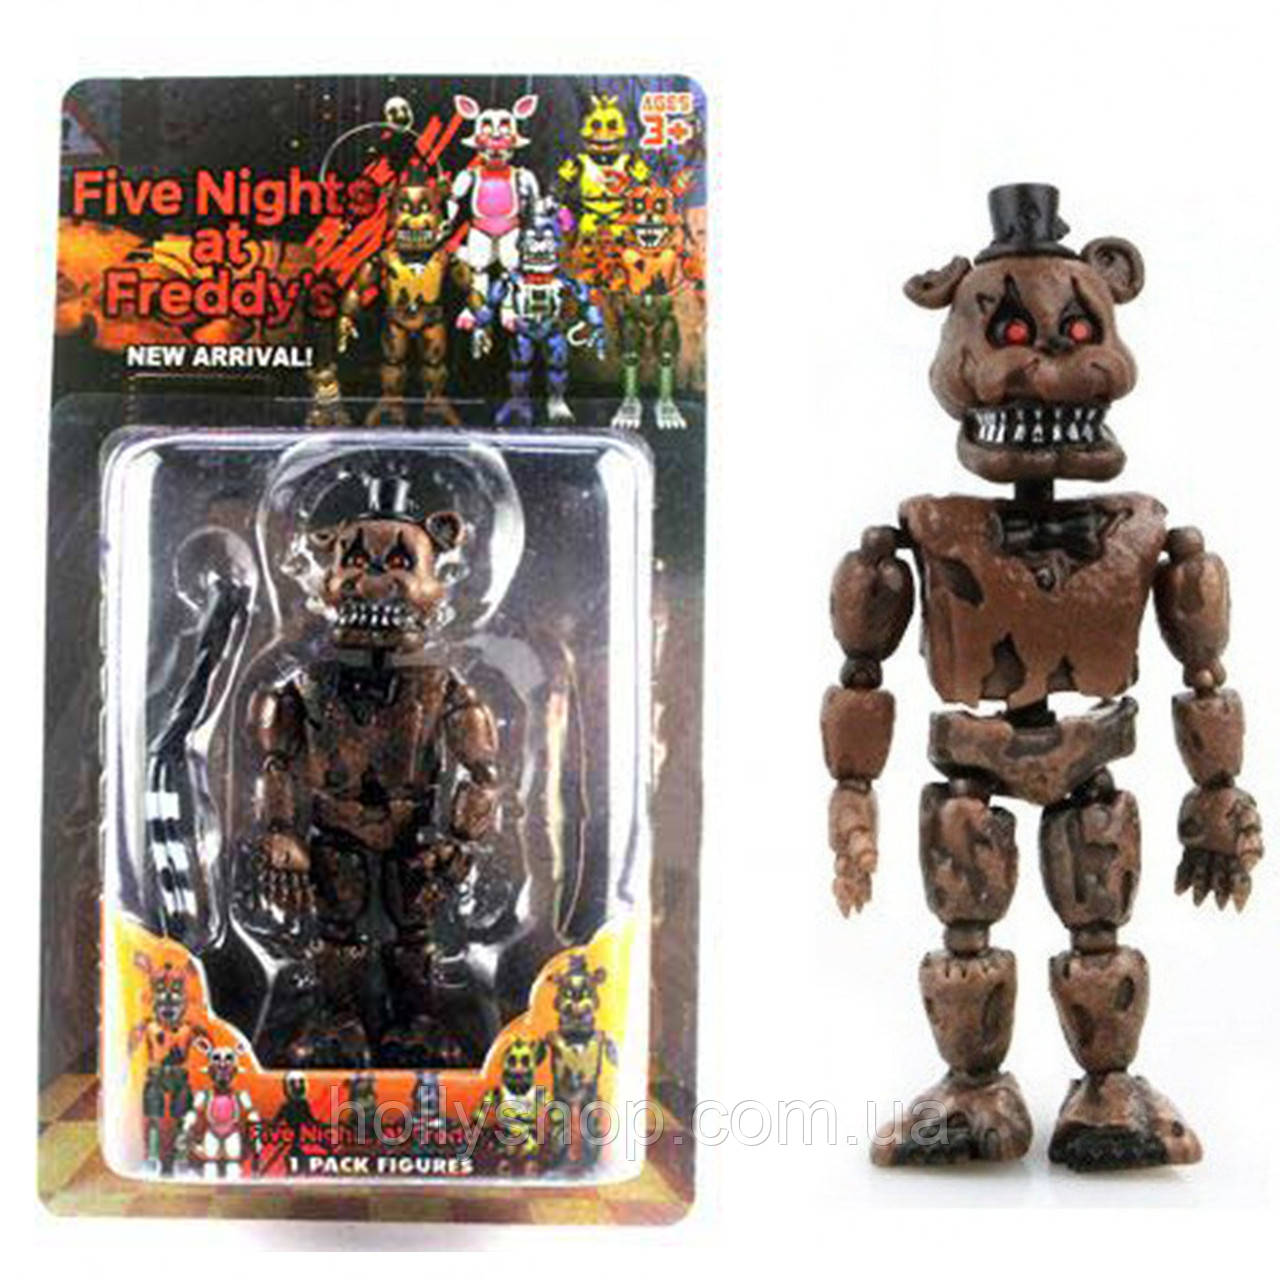 Фігурка кошмарного аніматроніка Фредді з гри П'ять Ночей з Фредді в індивідуальній упаковці ФНаФ 15см